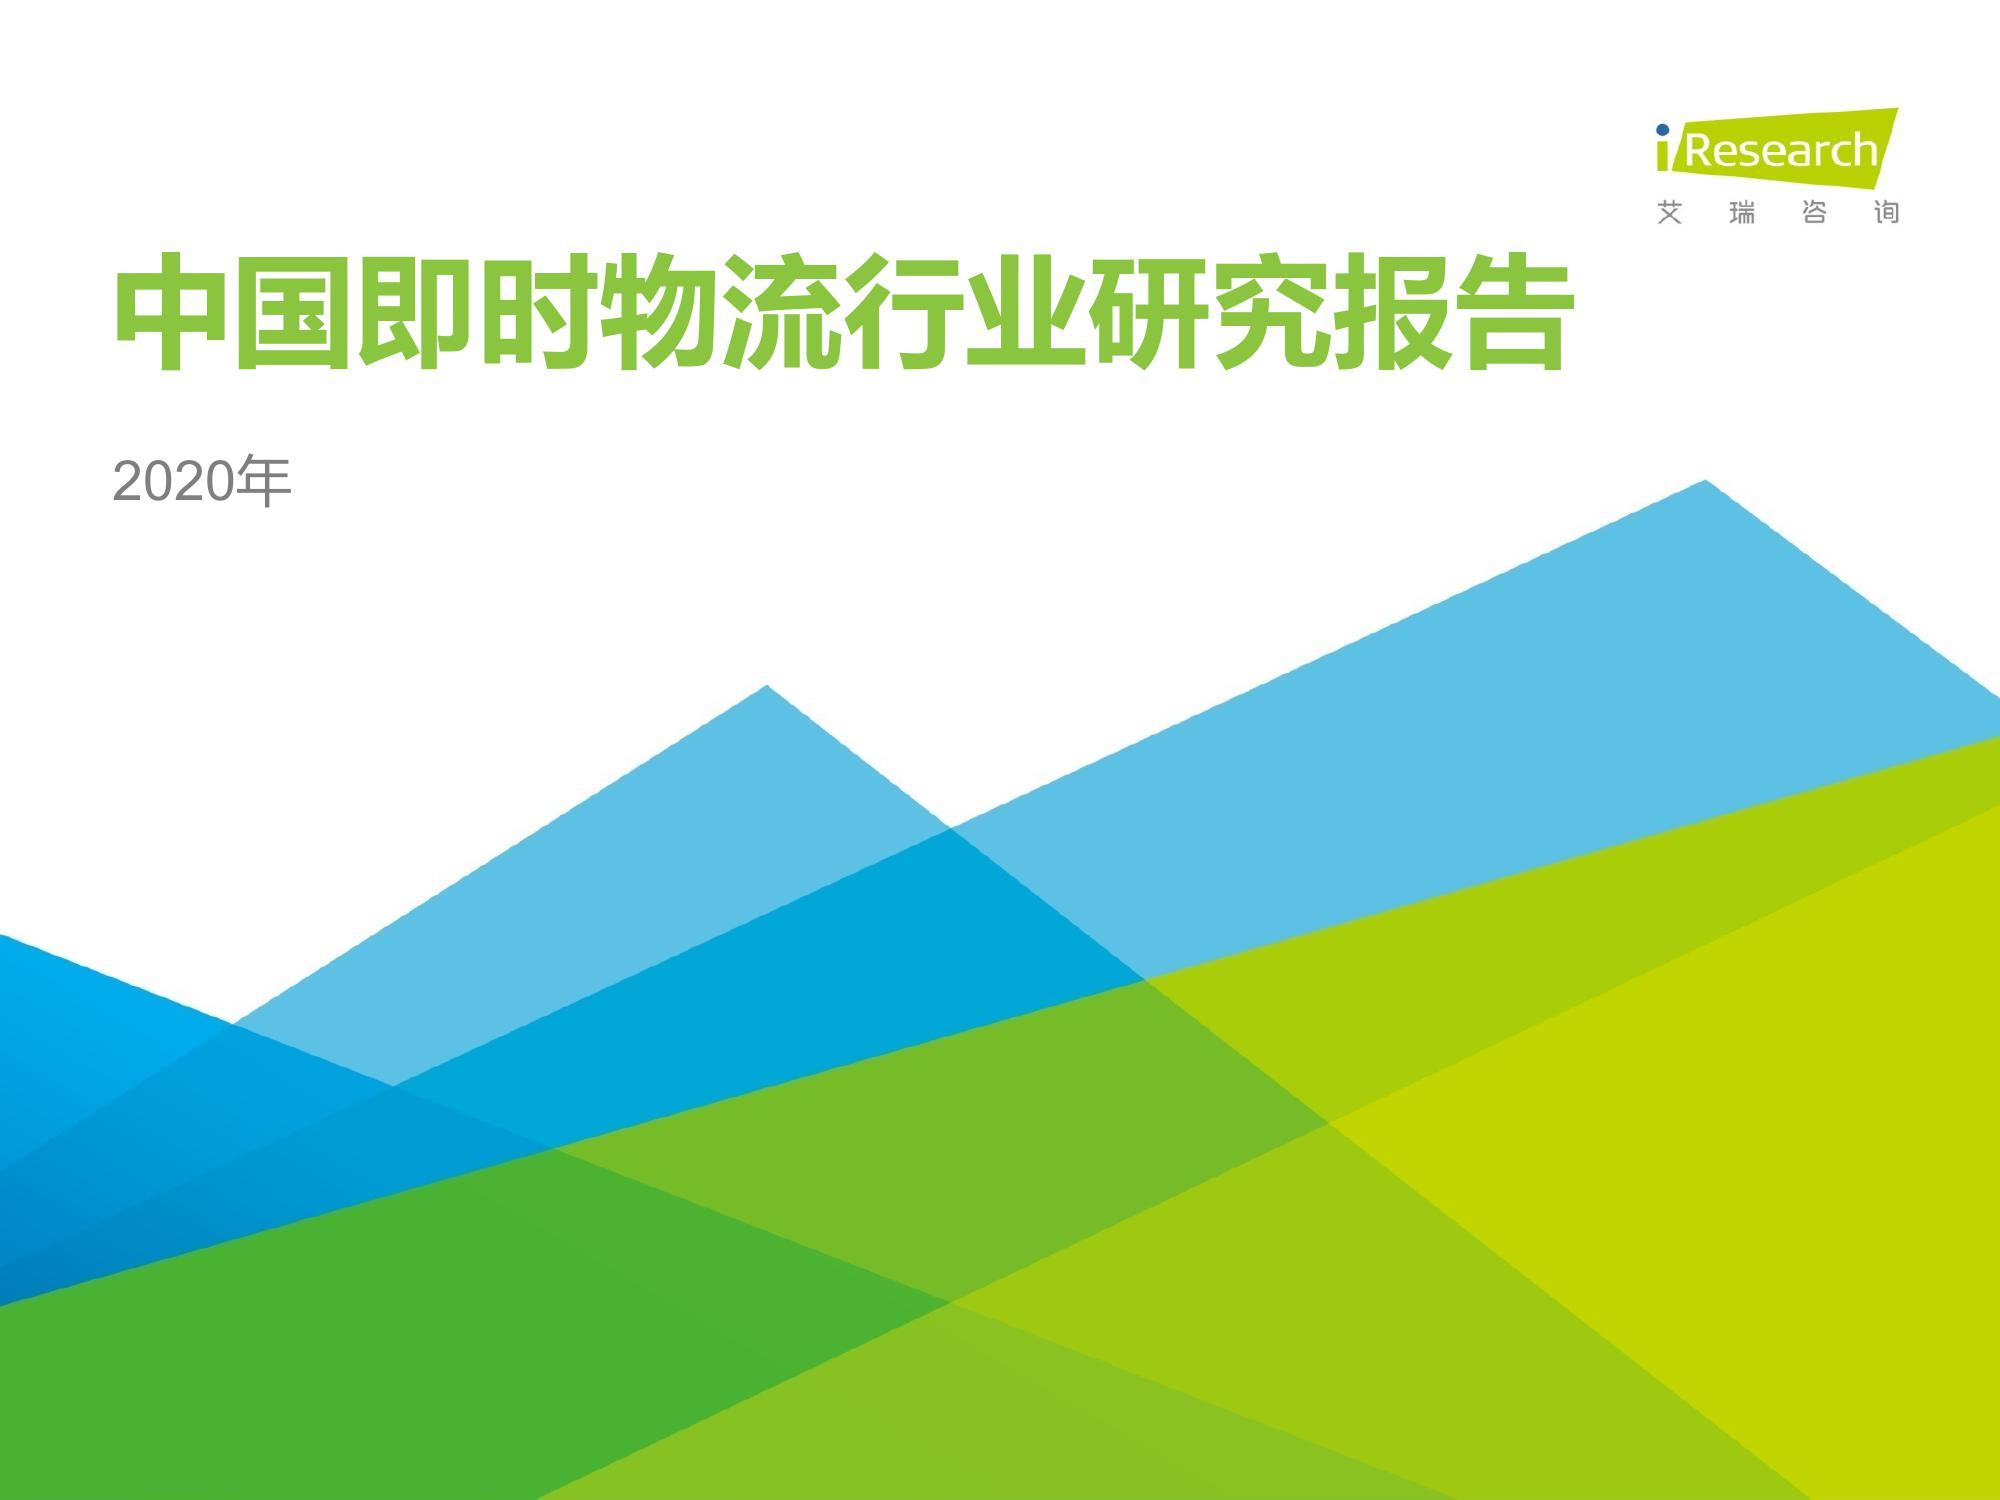 艾瑞咨询:2020年中国即时物流行业研究报告(附下载)